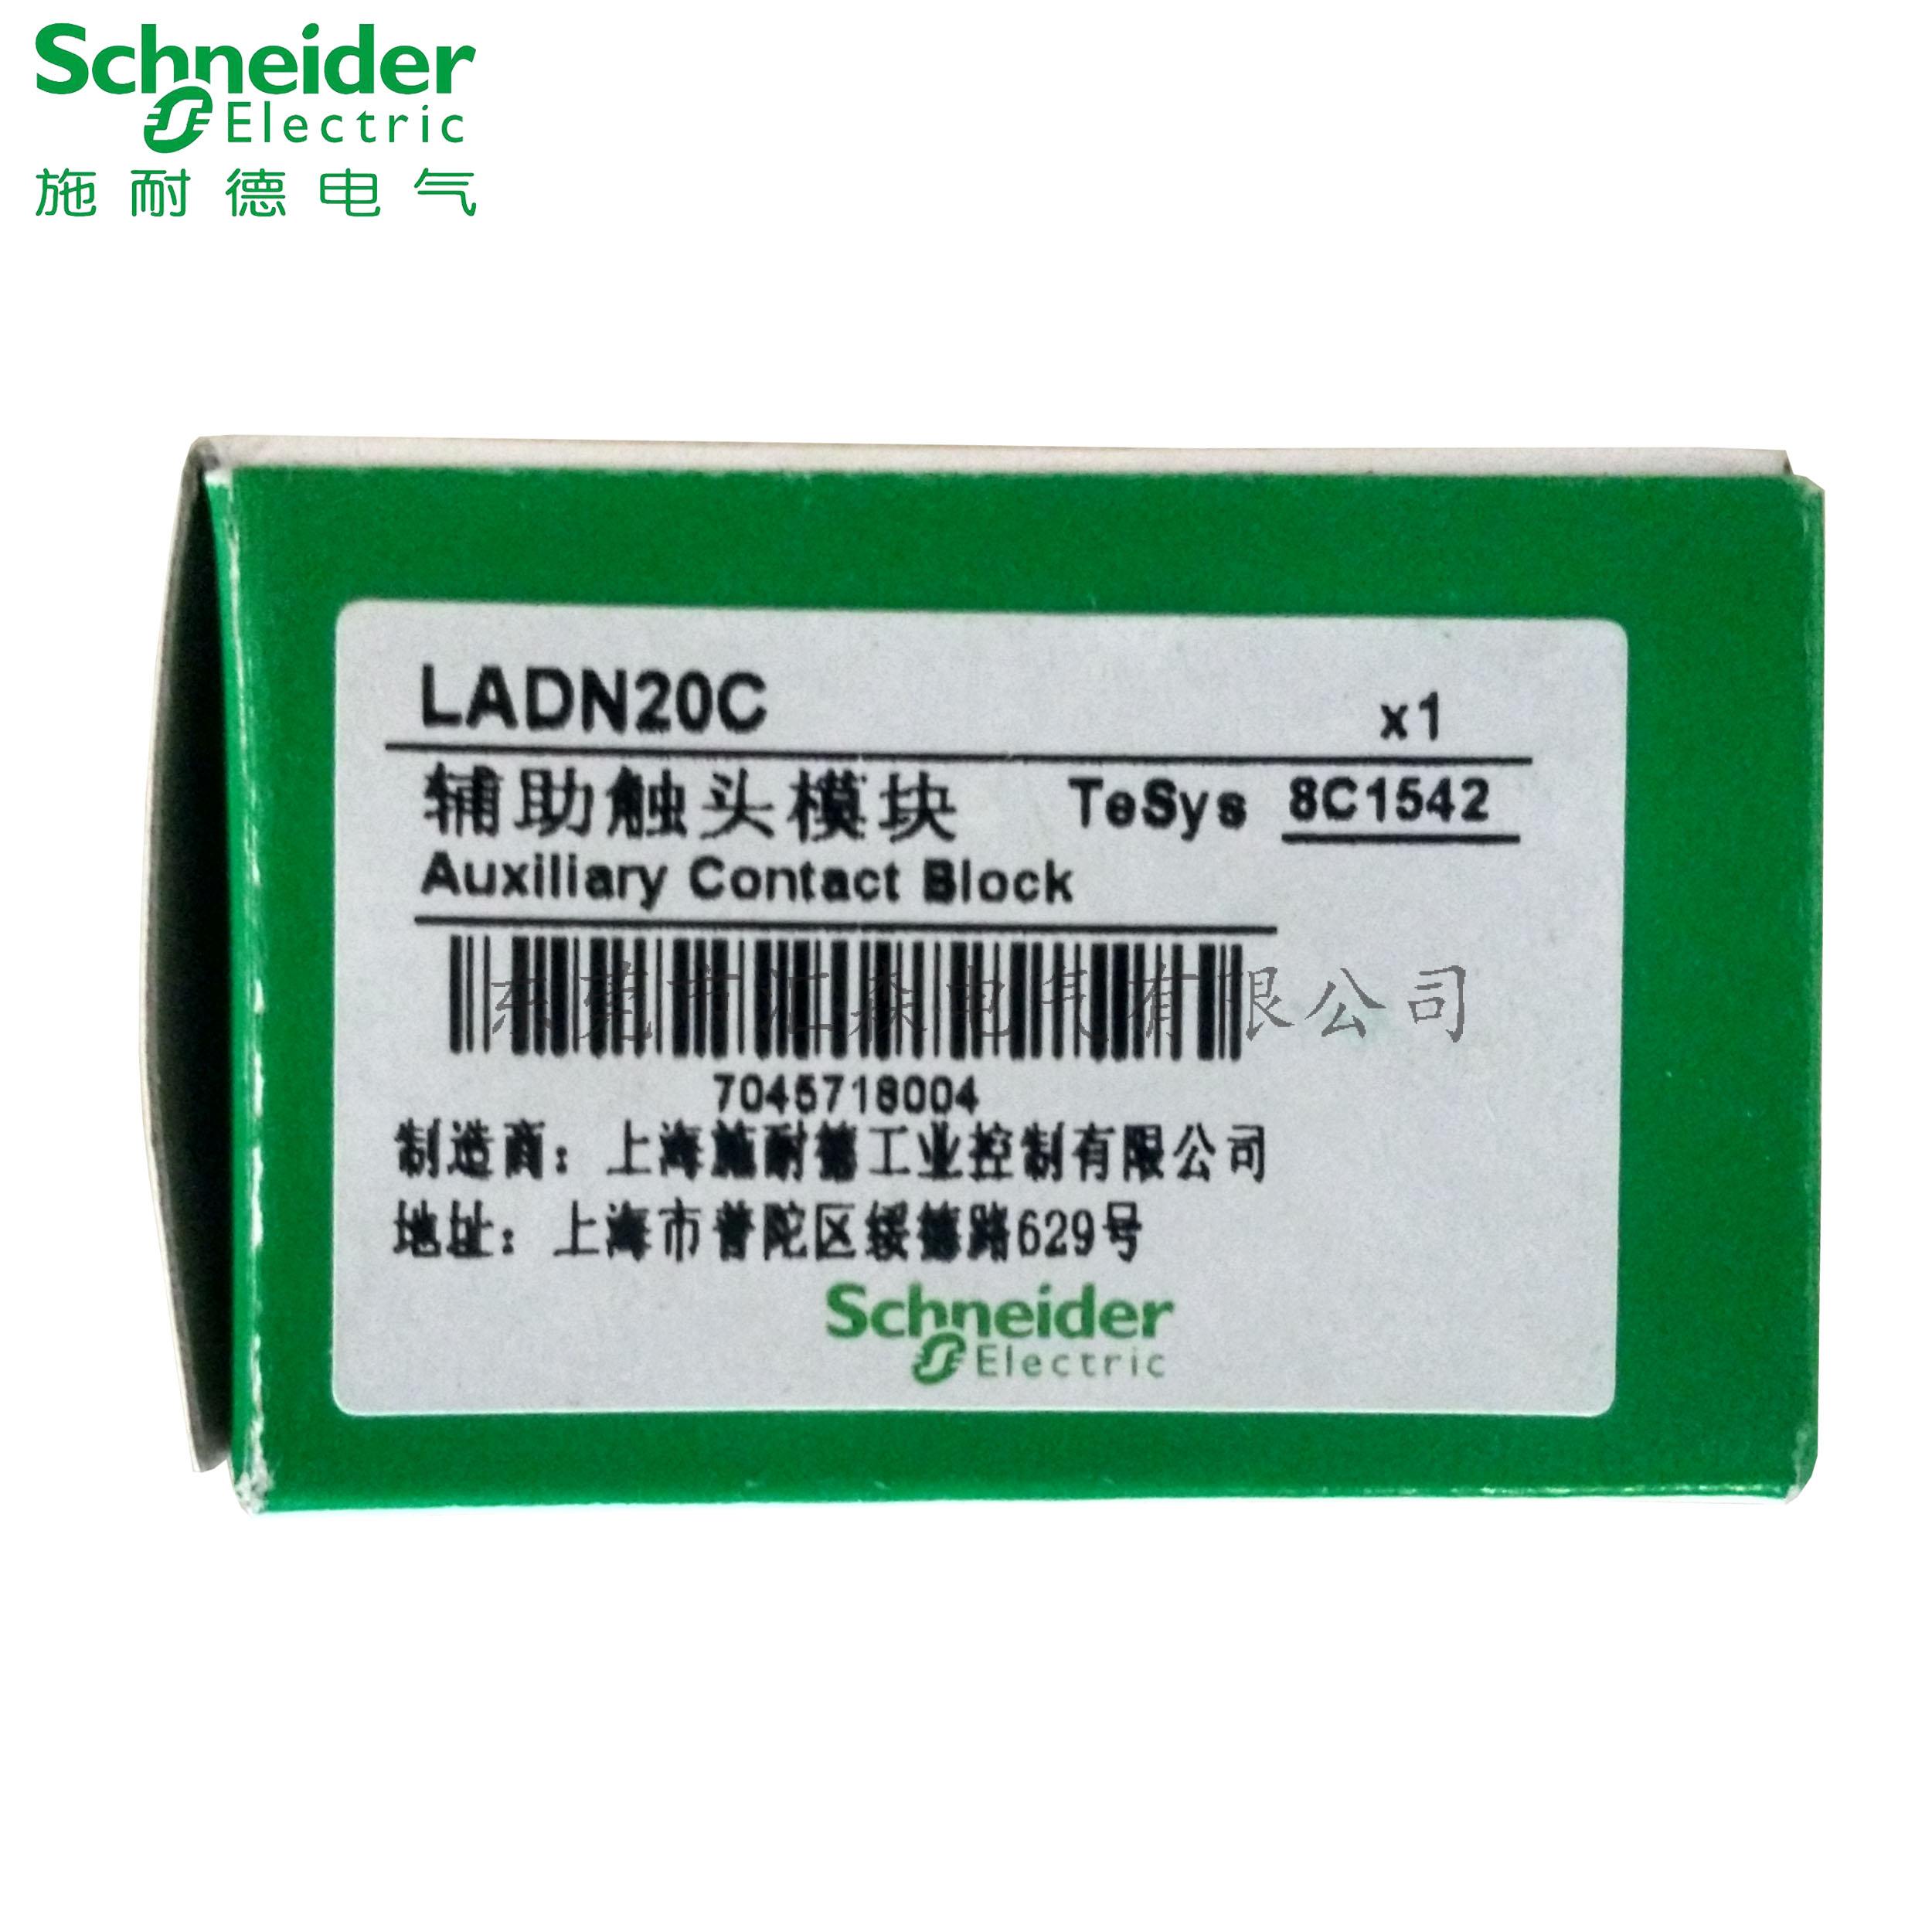 施耐德接触器辅助触点模块LADN20C